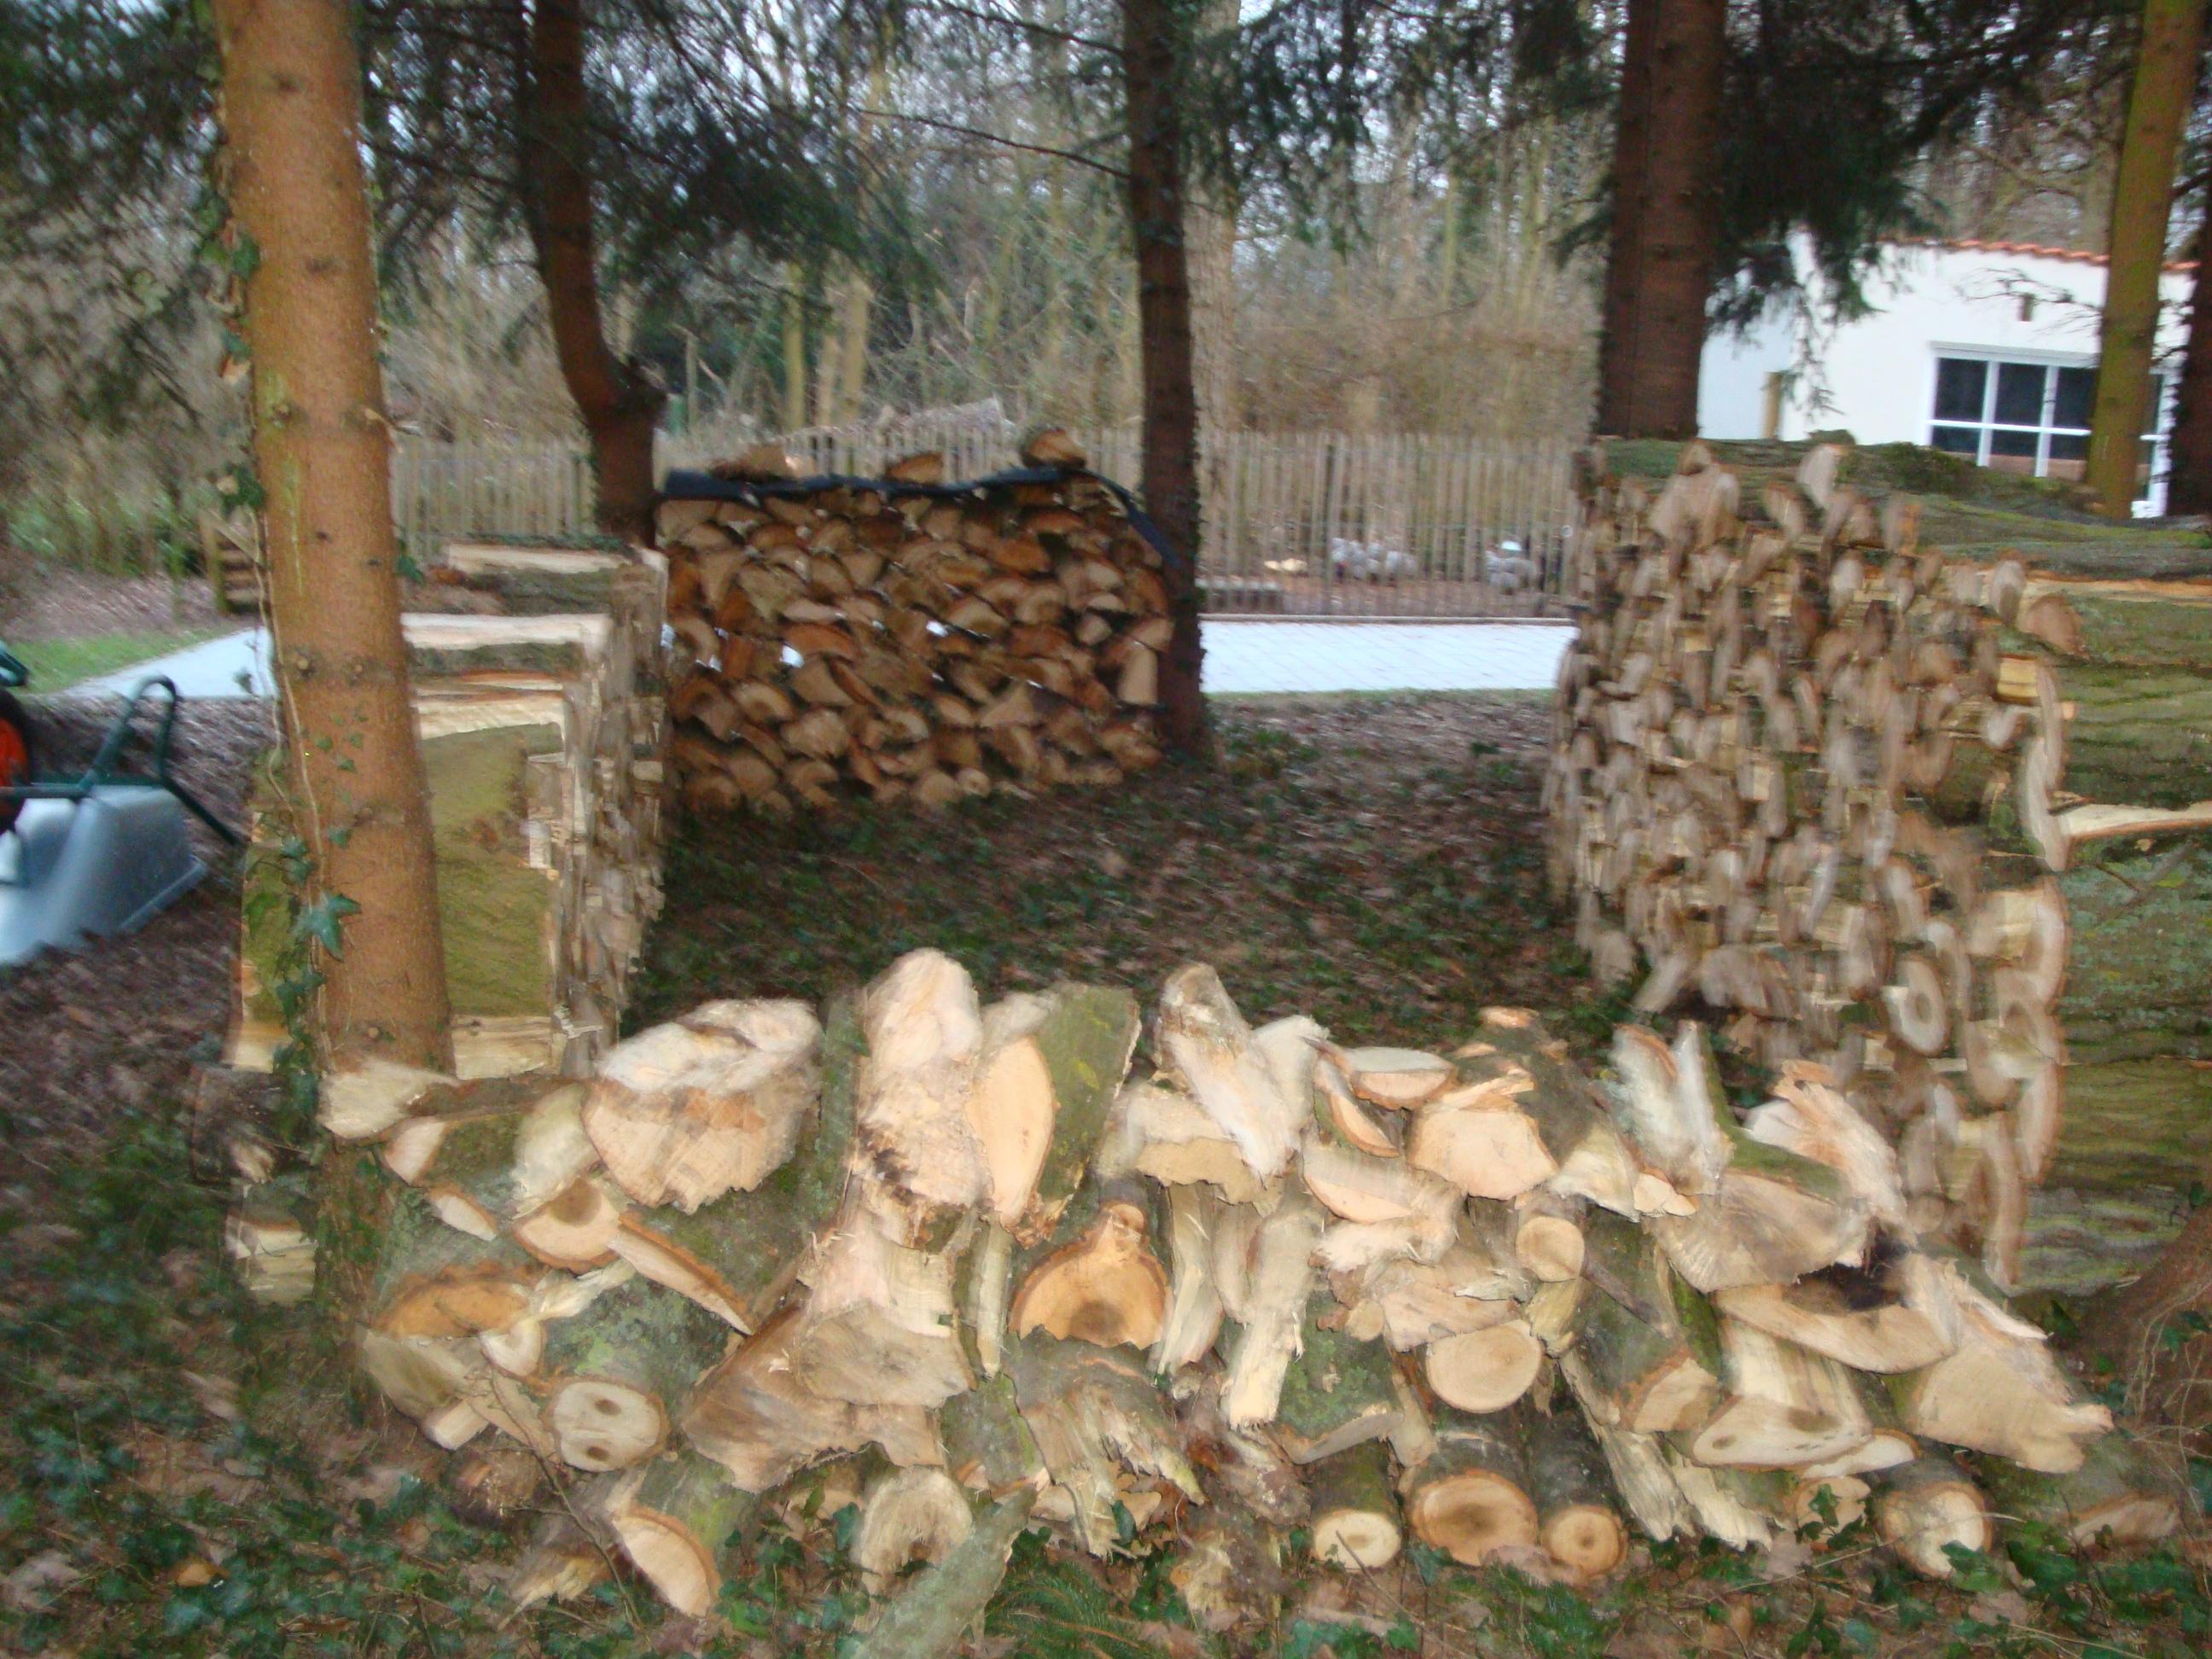 Stockage de bois les m sanges - Bucher stockage bois ...